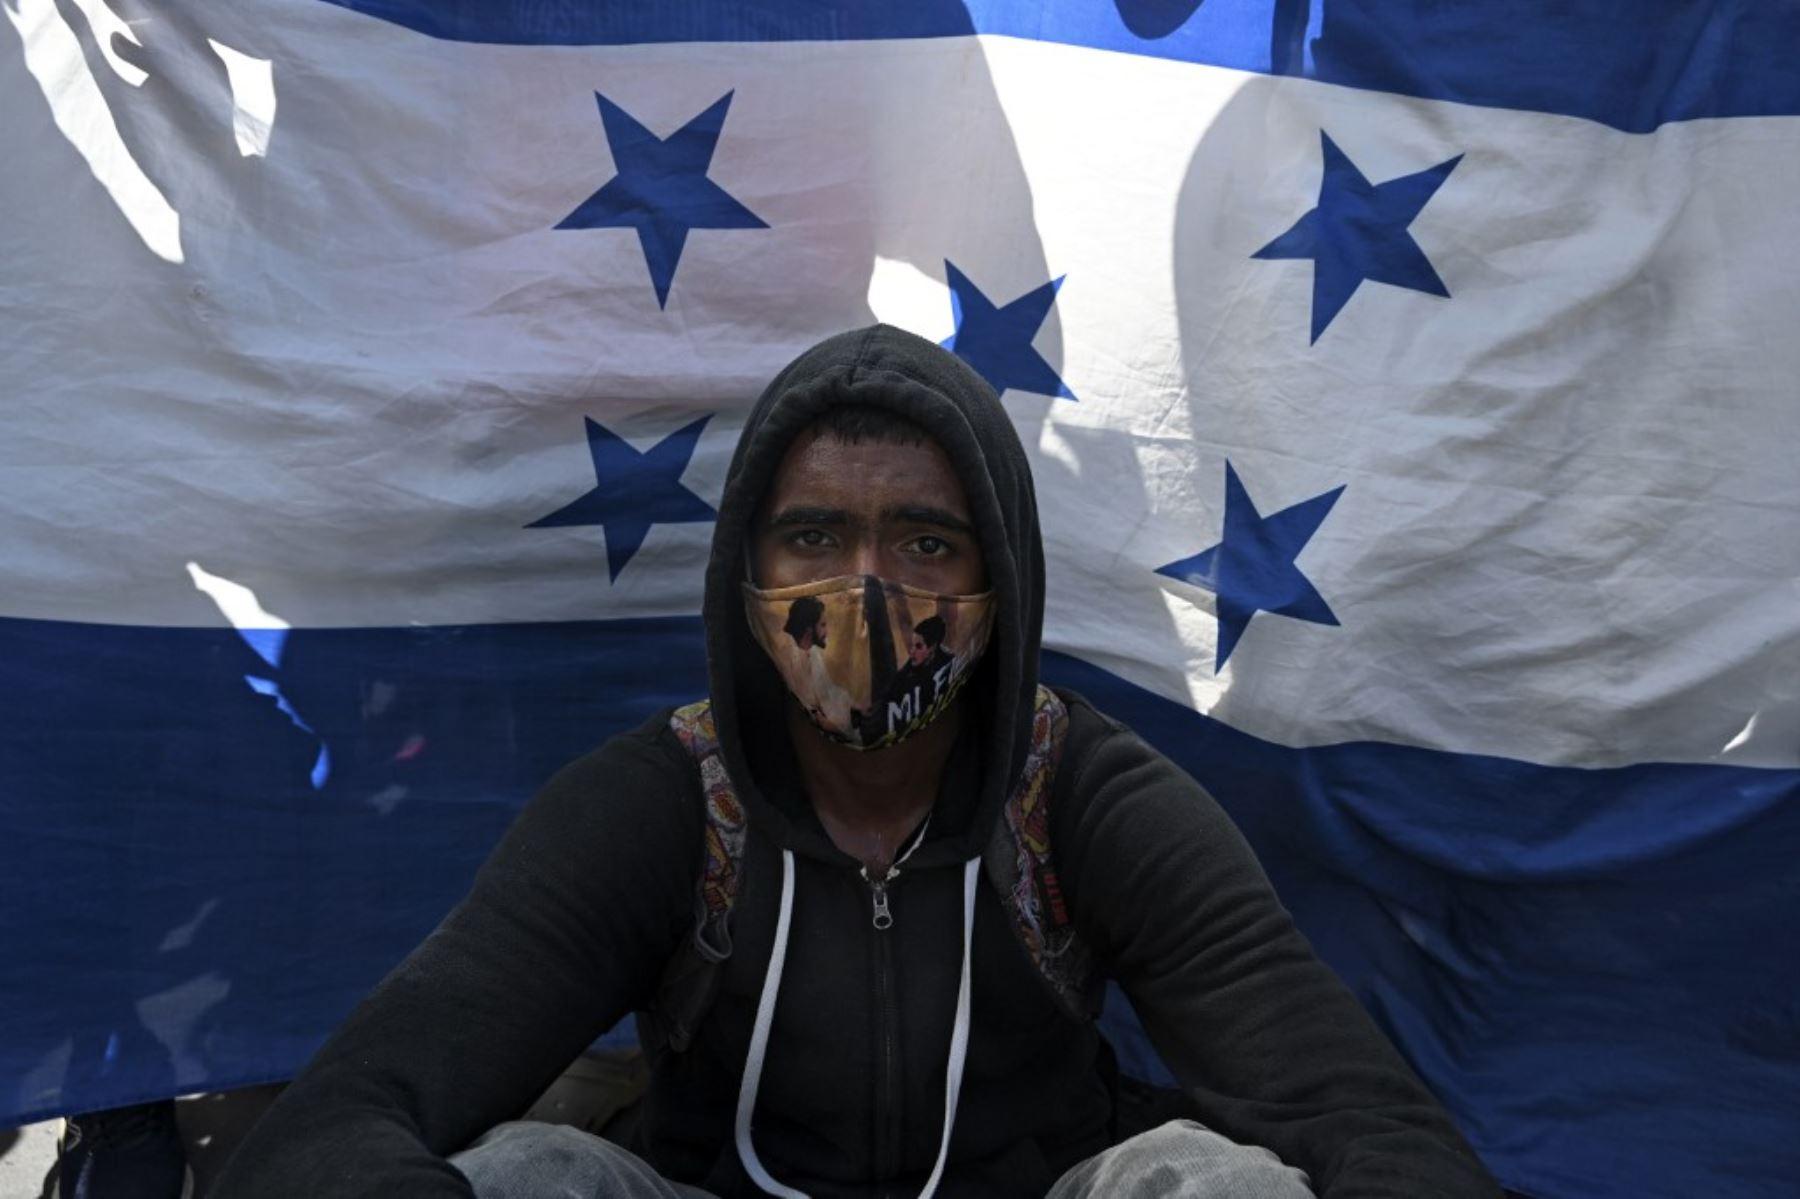 Un migrante hondureño se sienta frente a una bandera hondureña en Entre Ríos, Guatemala, luego de cruzar la frontera de Honduras en su camino a los Estados Unidos en una caravana. Foto: AFP